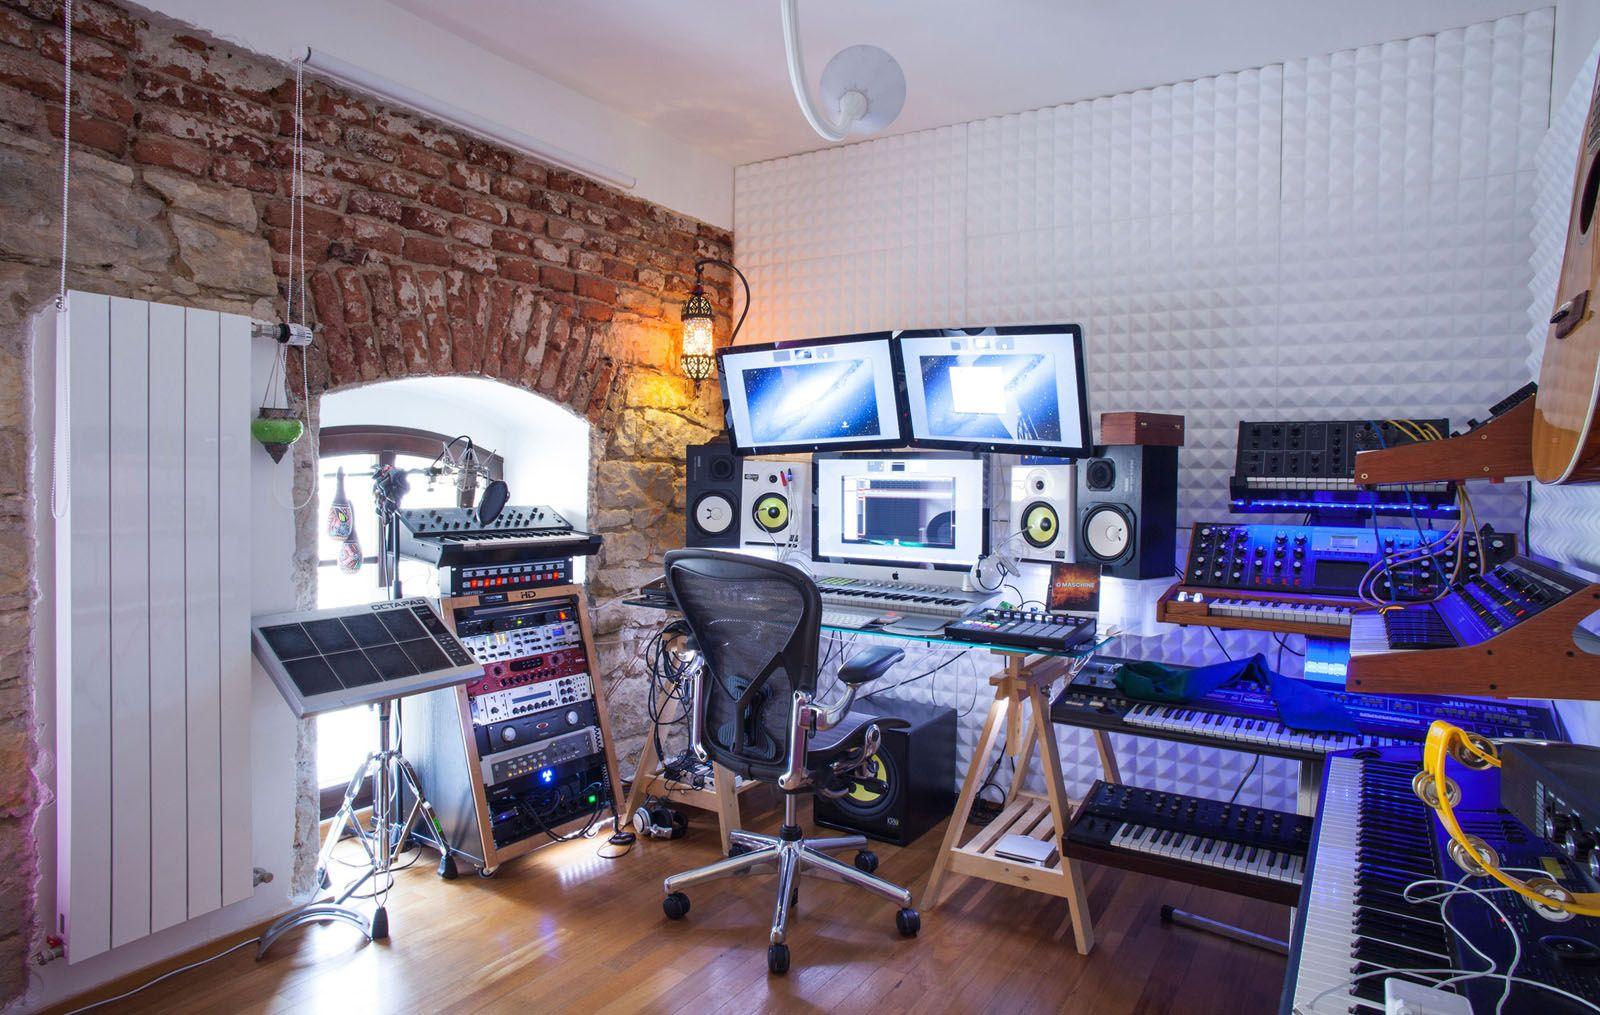 Elegant Picture Of Home Studio Design Ideas Interior Design Ideas Home Decorating Inspiration Moercar Home Studio Music Home Studio Design Home Recording Studio